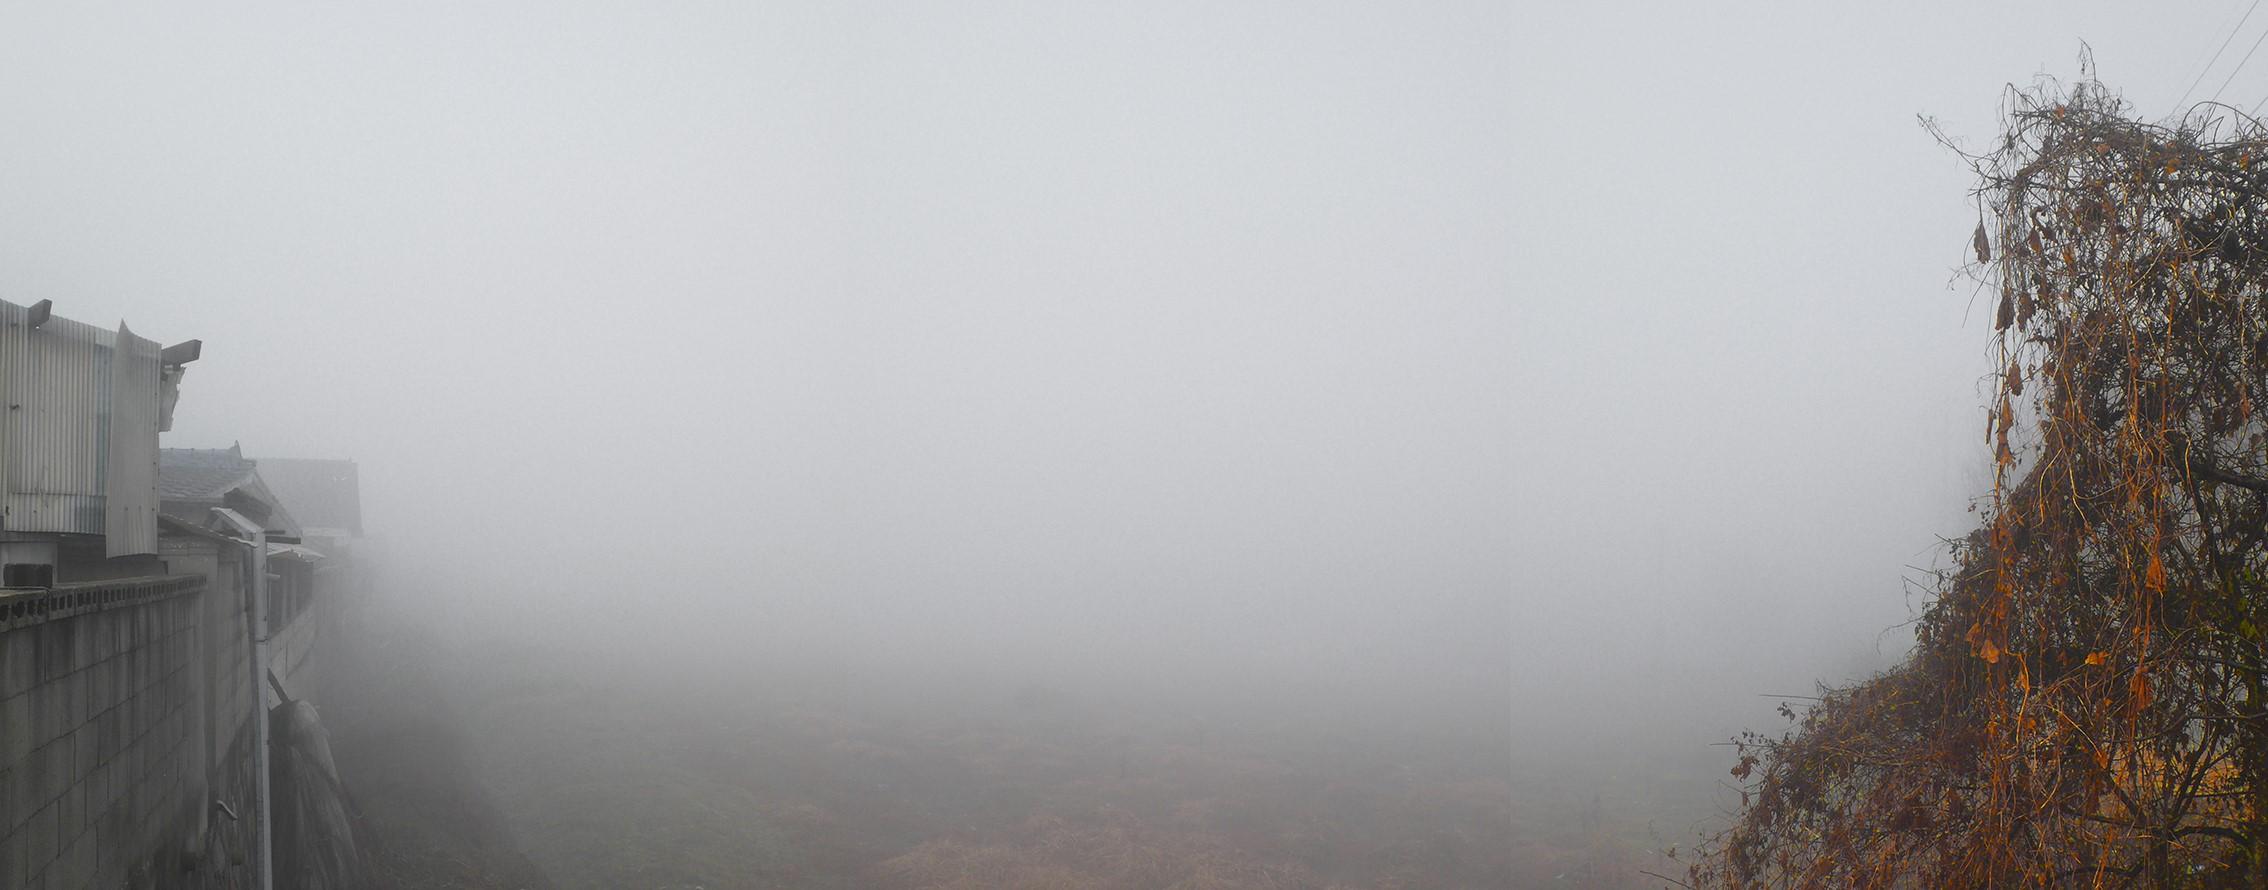 강홍구, 안개와 서리 31, 디지털 프린트, 62.5x150.5cm, 2011